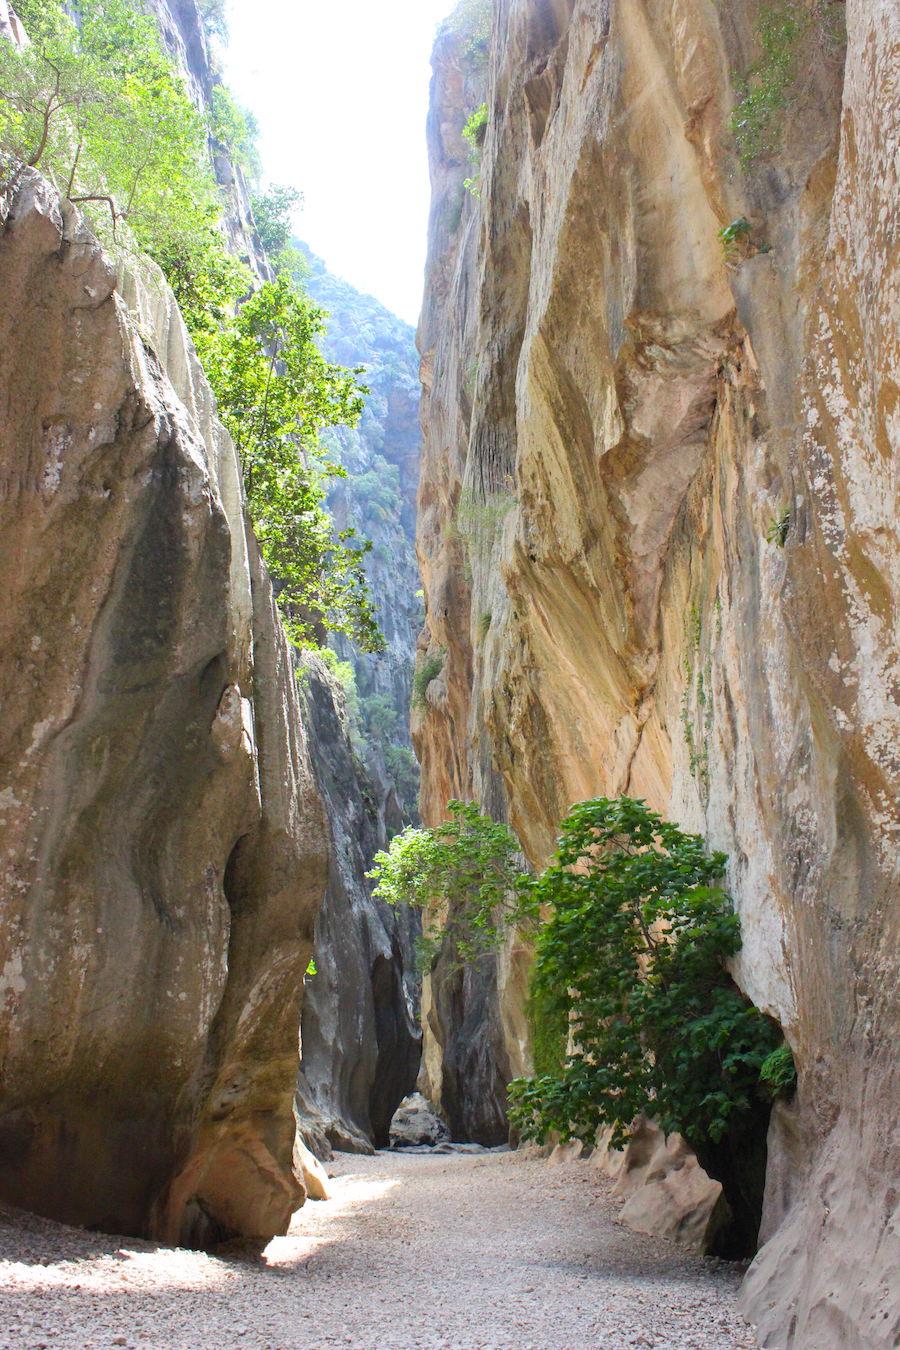 Wanderung Torrent de Pareis - Mallorca - Enger Weg